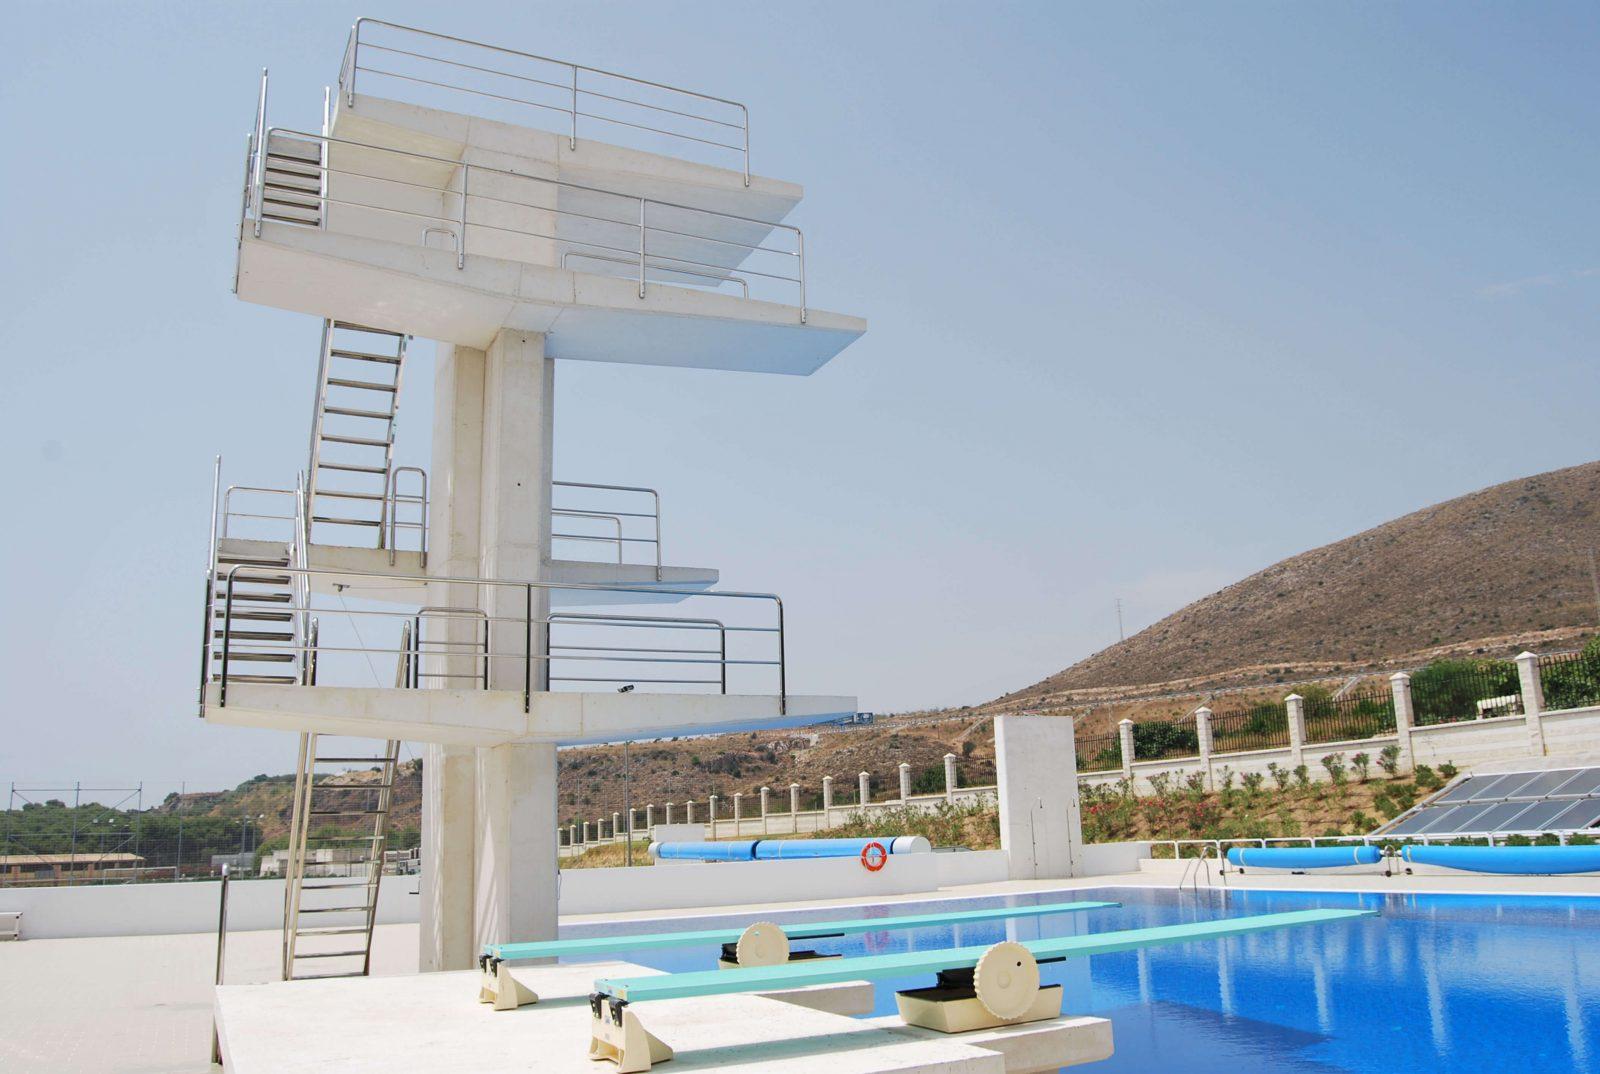 Piscinas virgen del carmen iii complejo acu tico - Medidas para una piscina ...